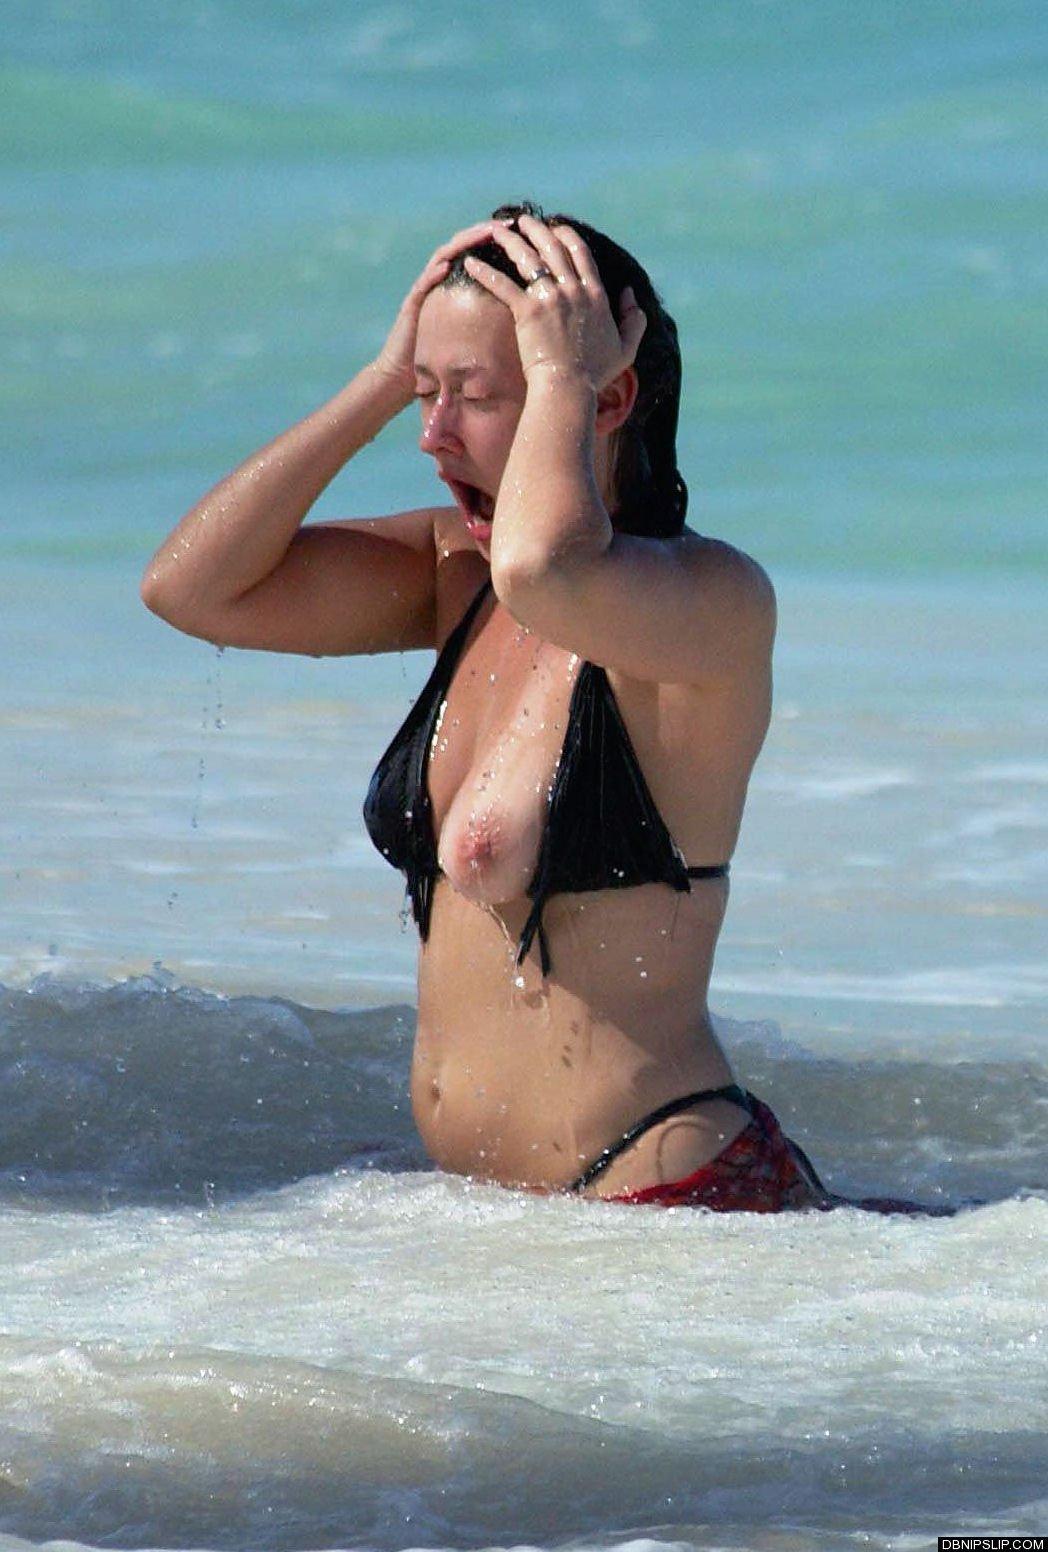 夏の海やプールでのポロリ率って異常じゃね?wwwwwwwwwwwww(画像35枚)・17枚目